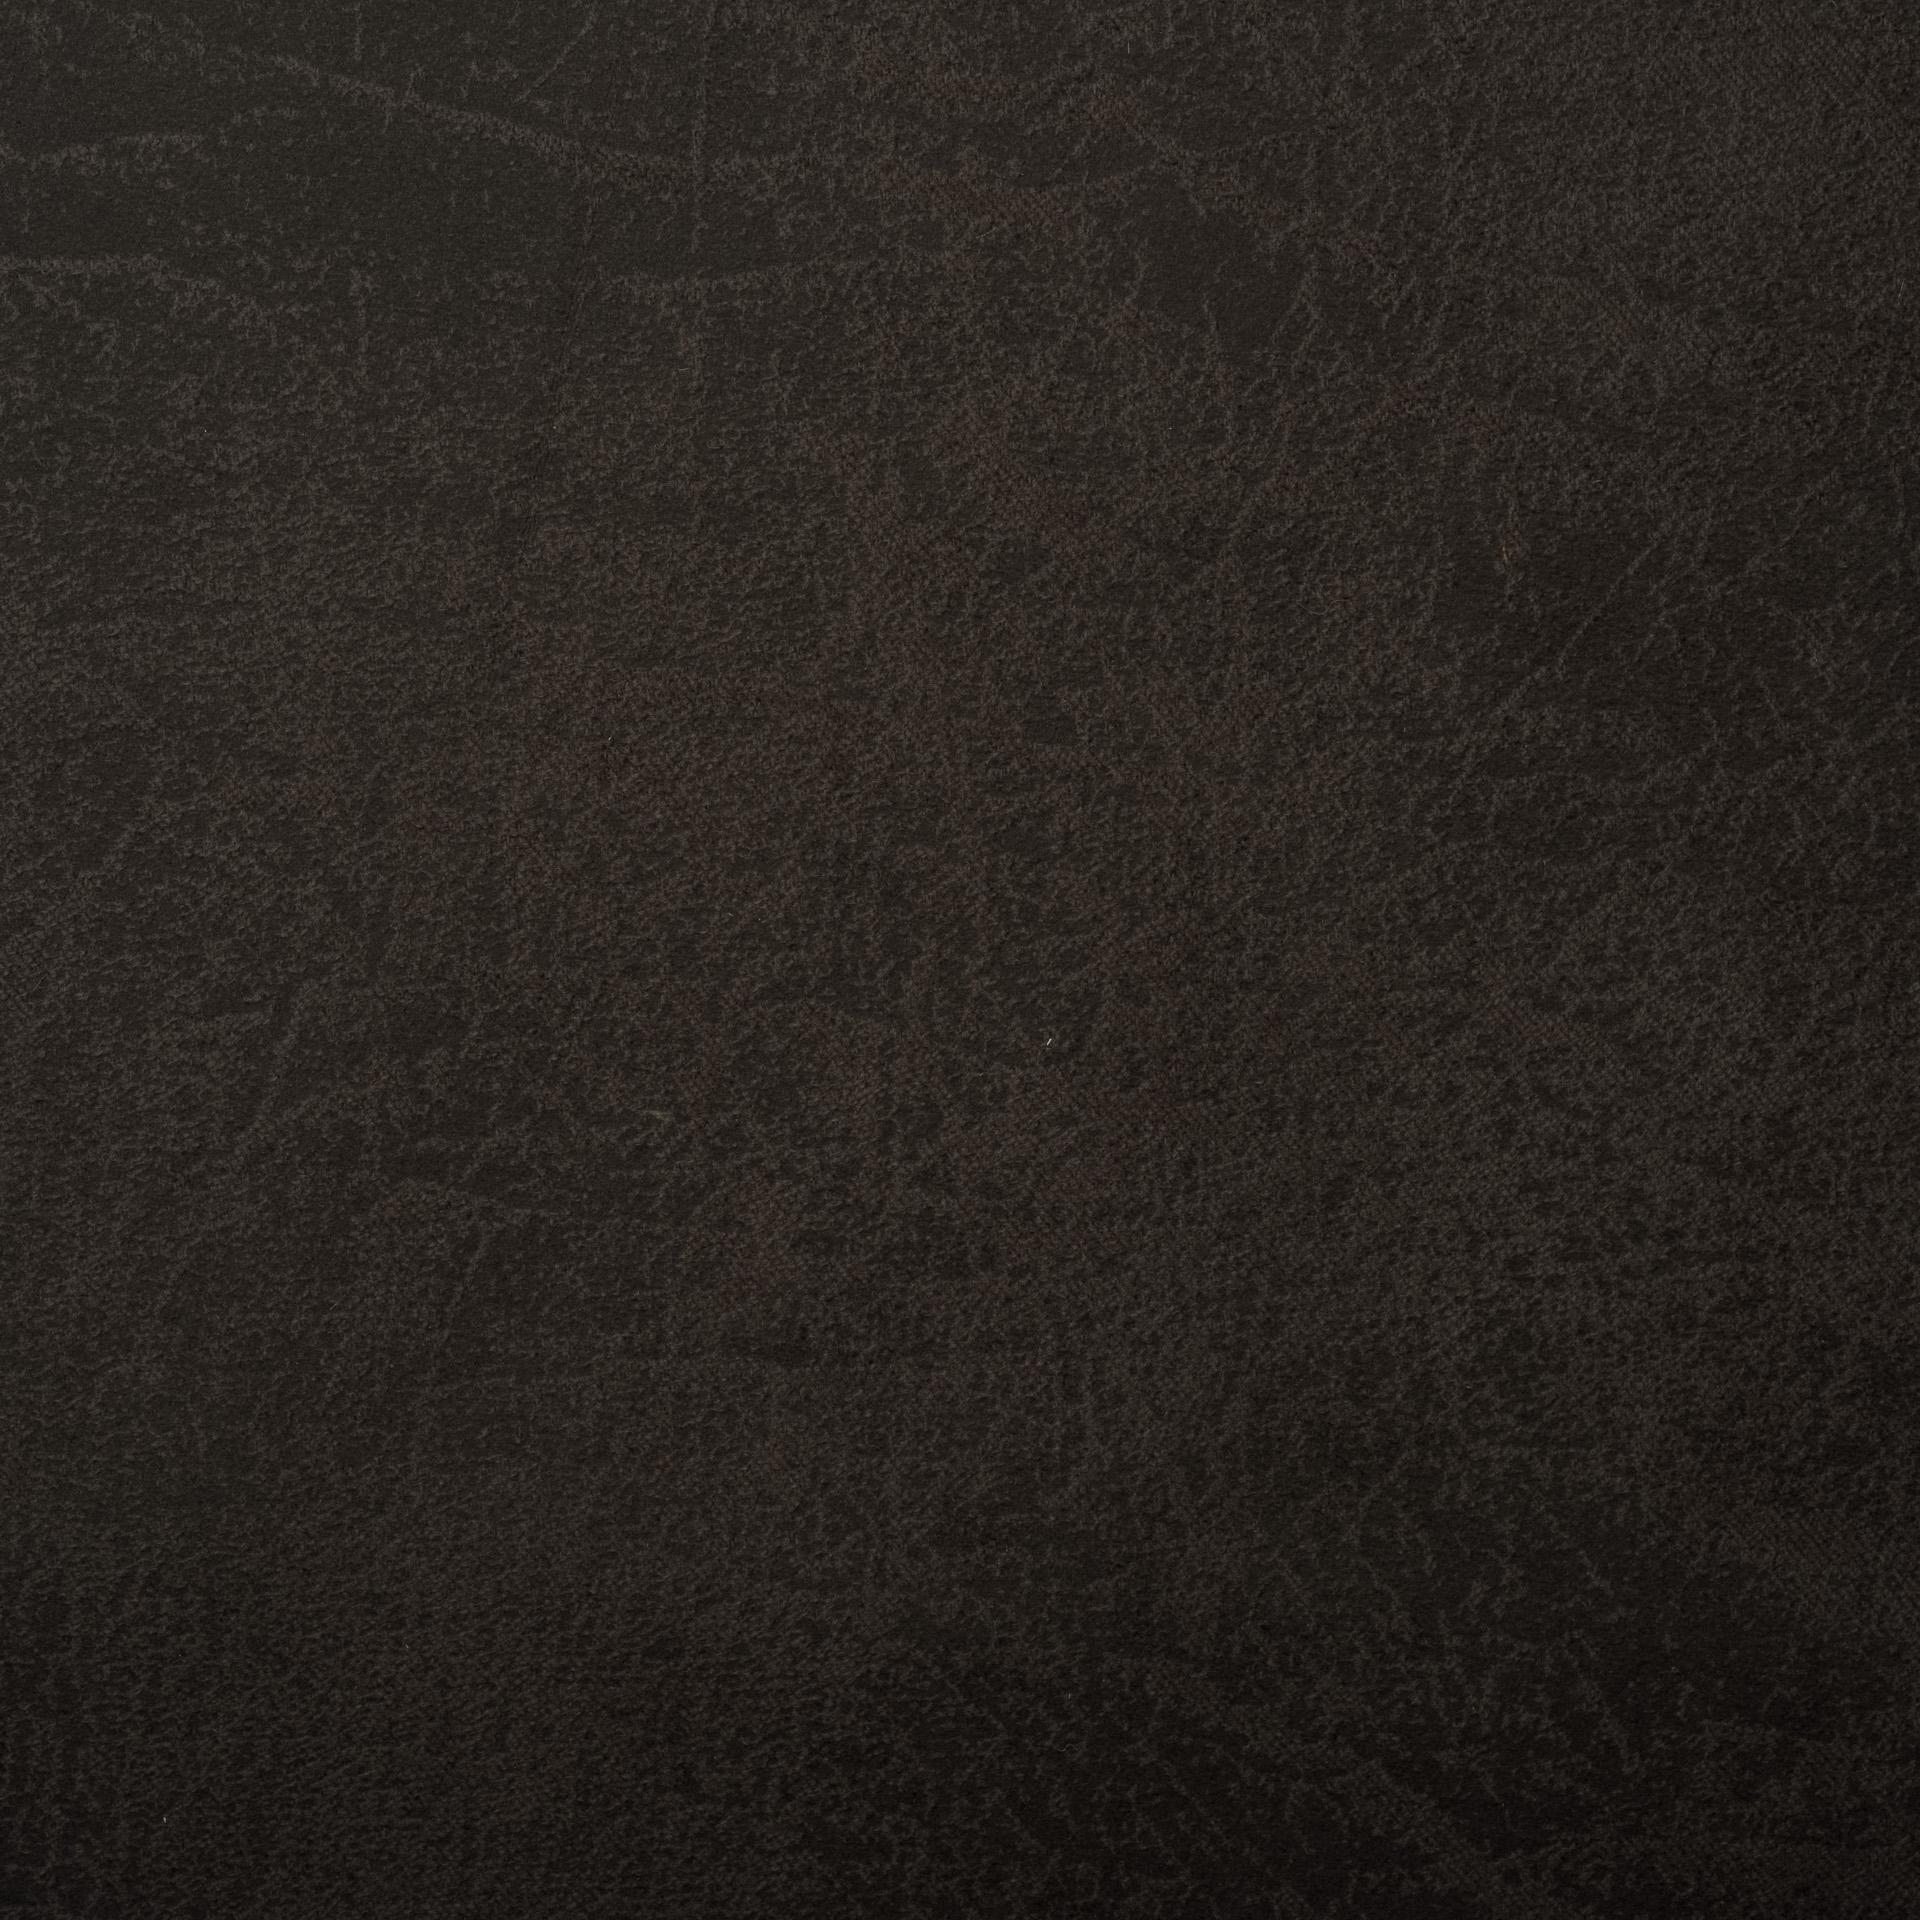 Коллекция ткани Лора 11,  купить ткань Велюр для мебели Украина